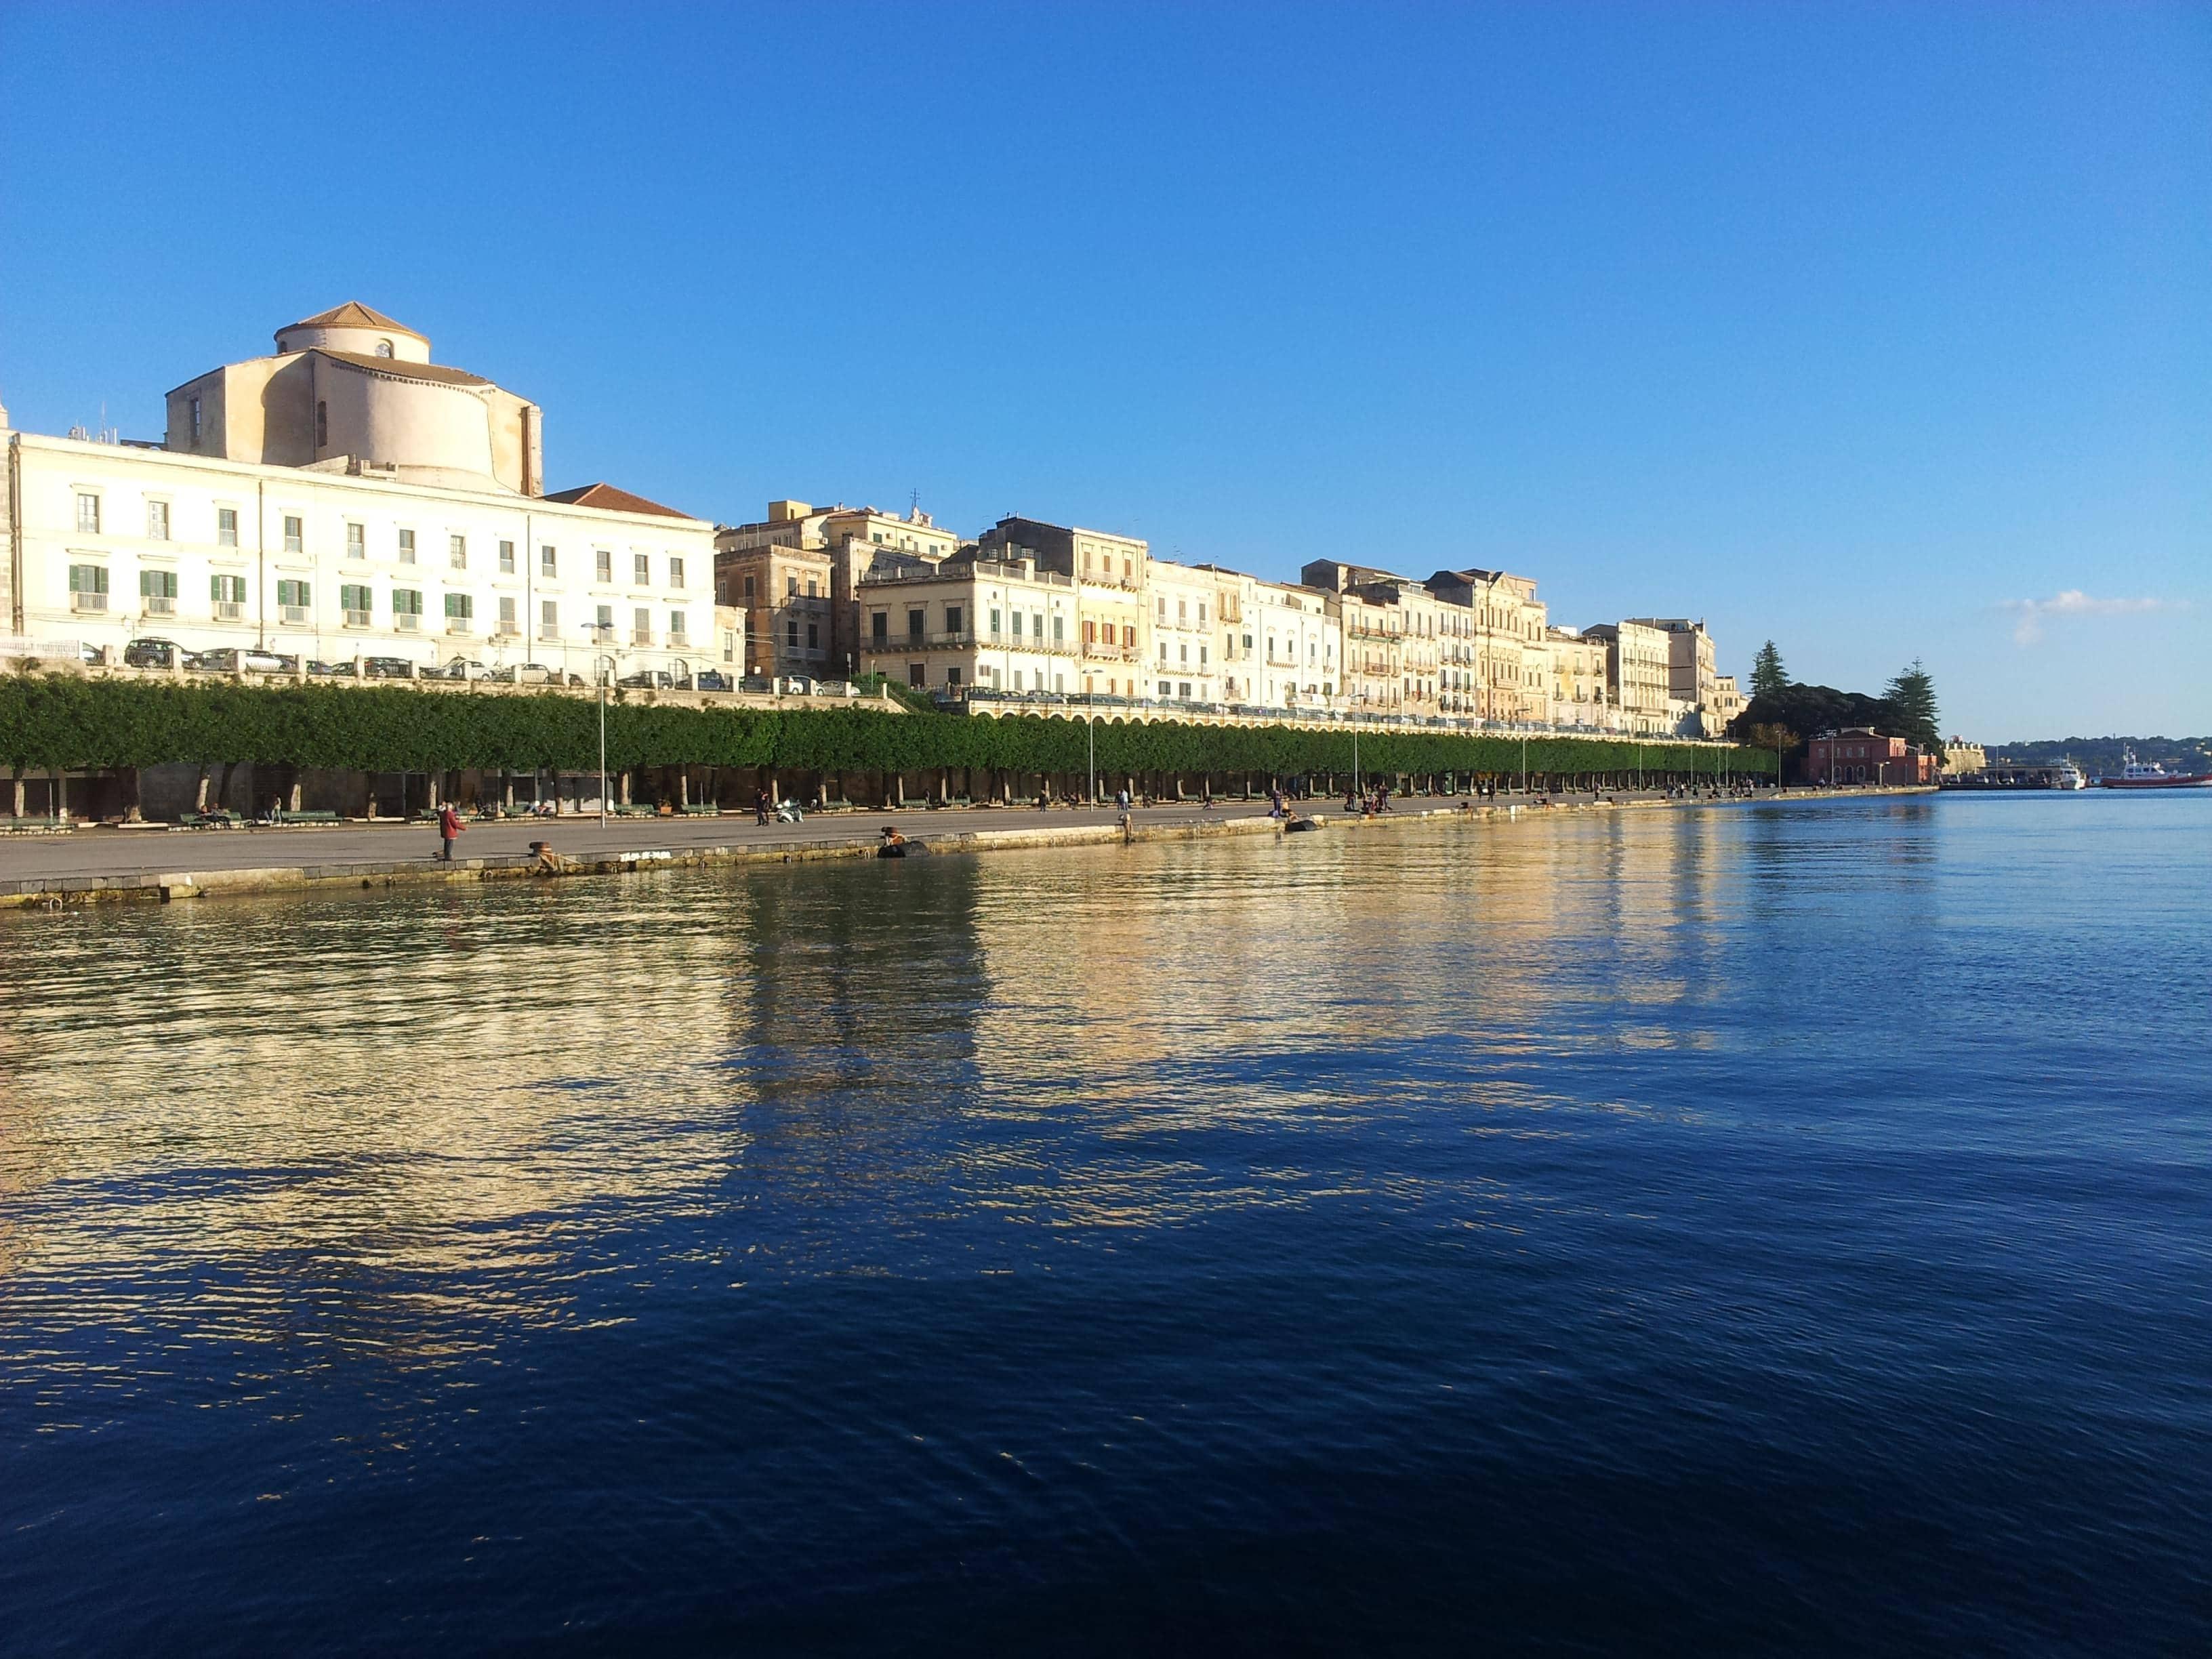 la marina di siracusa, con lungomare per il passeggio